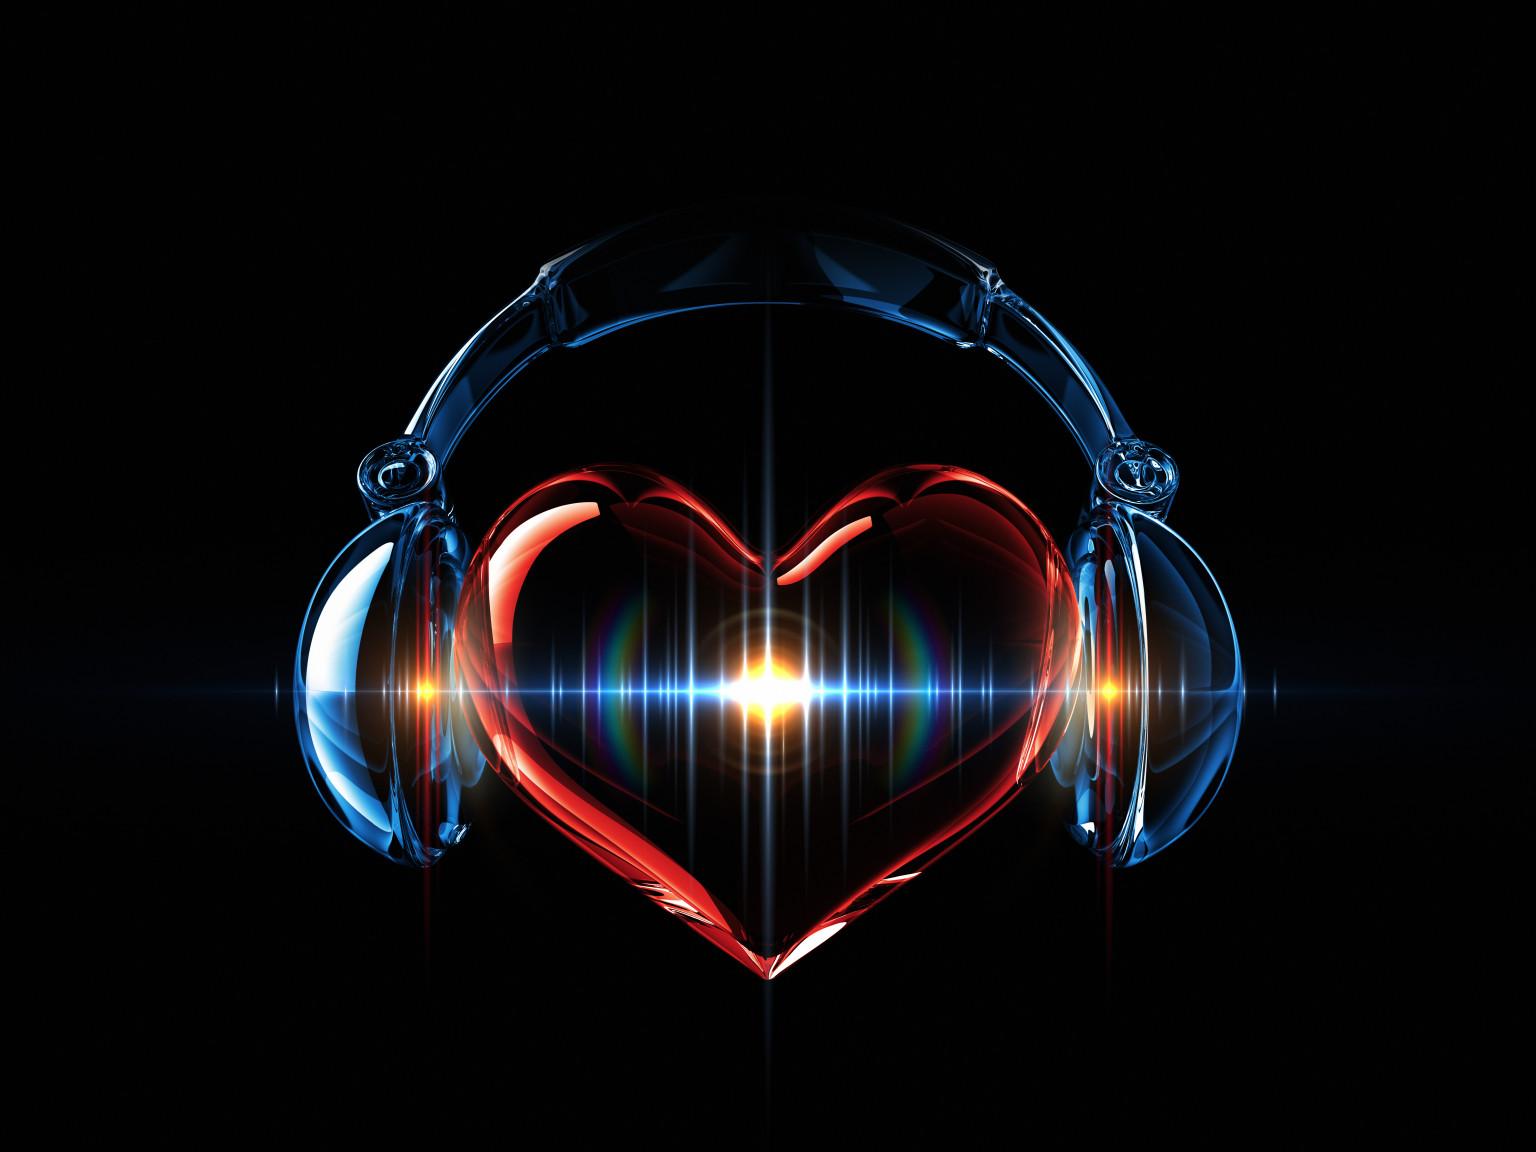 Impact de la musique au niveau cellulaire